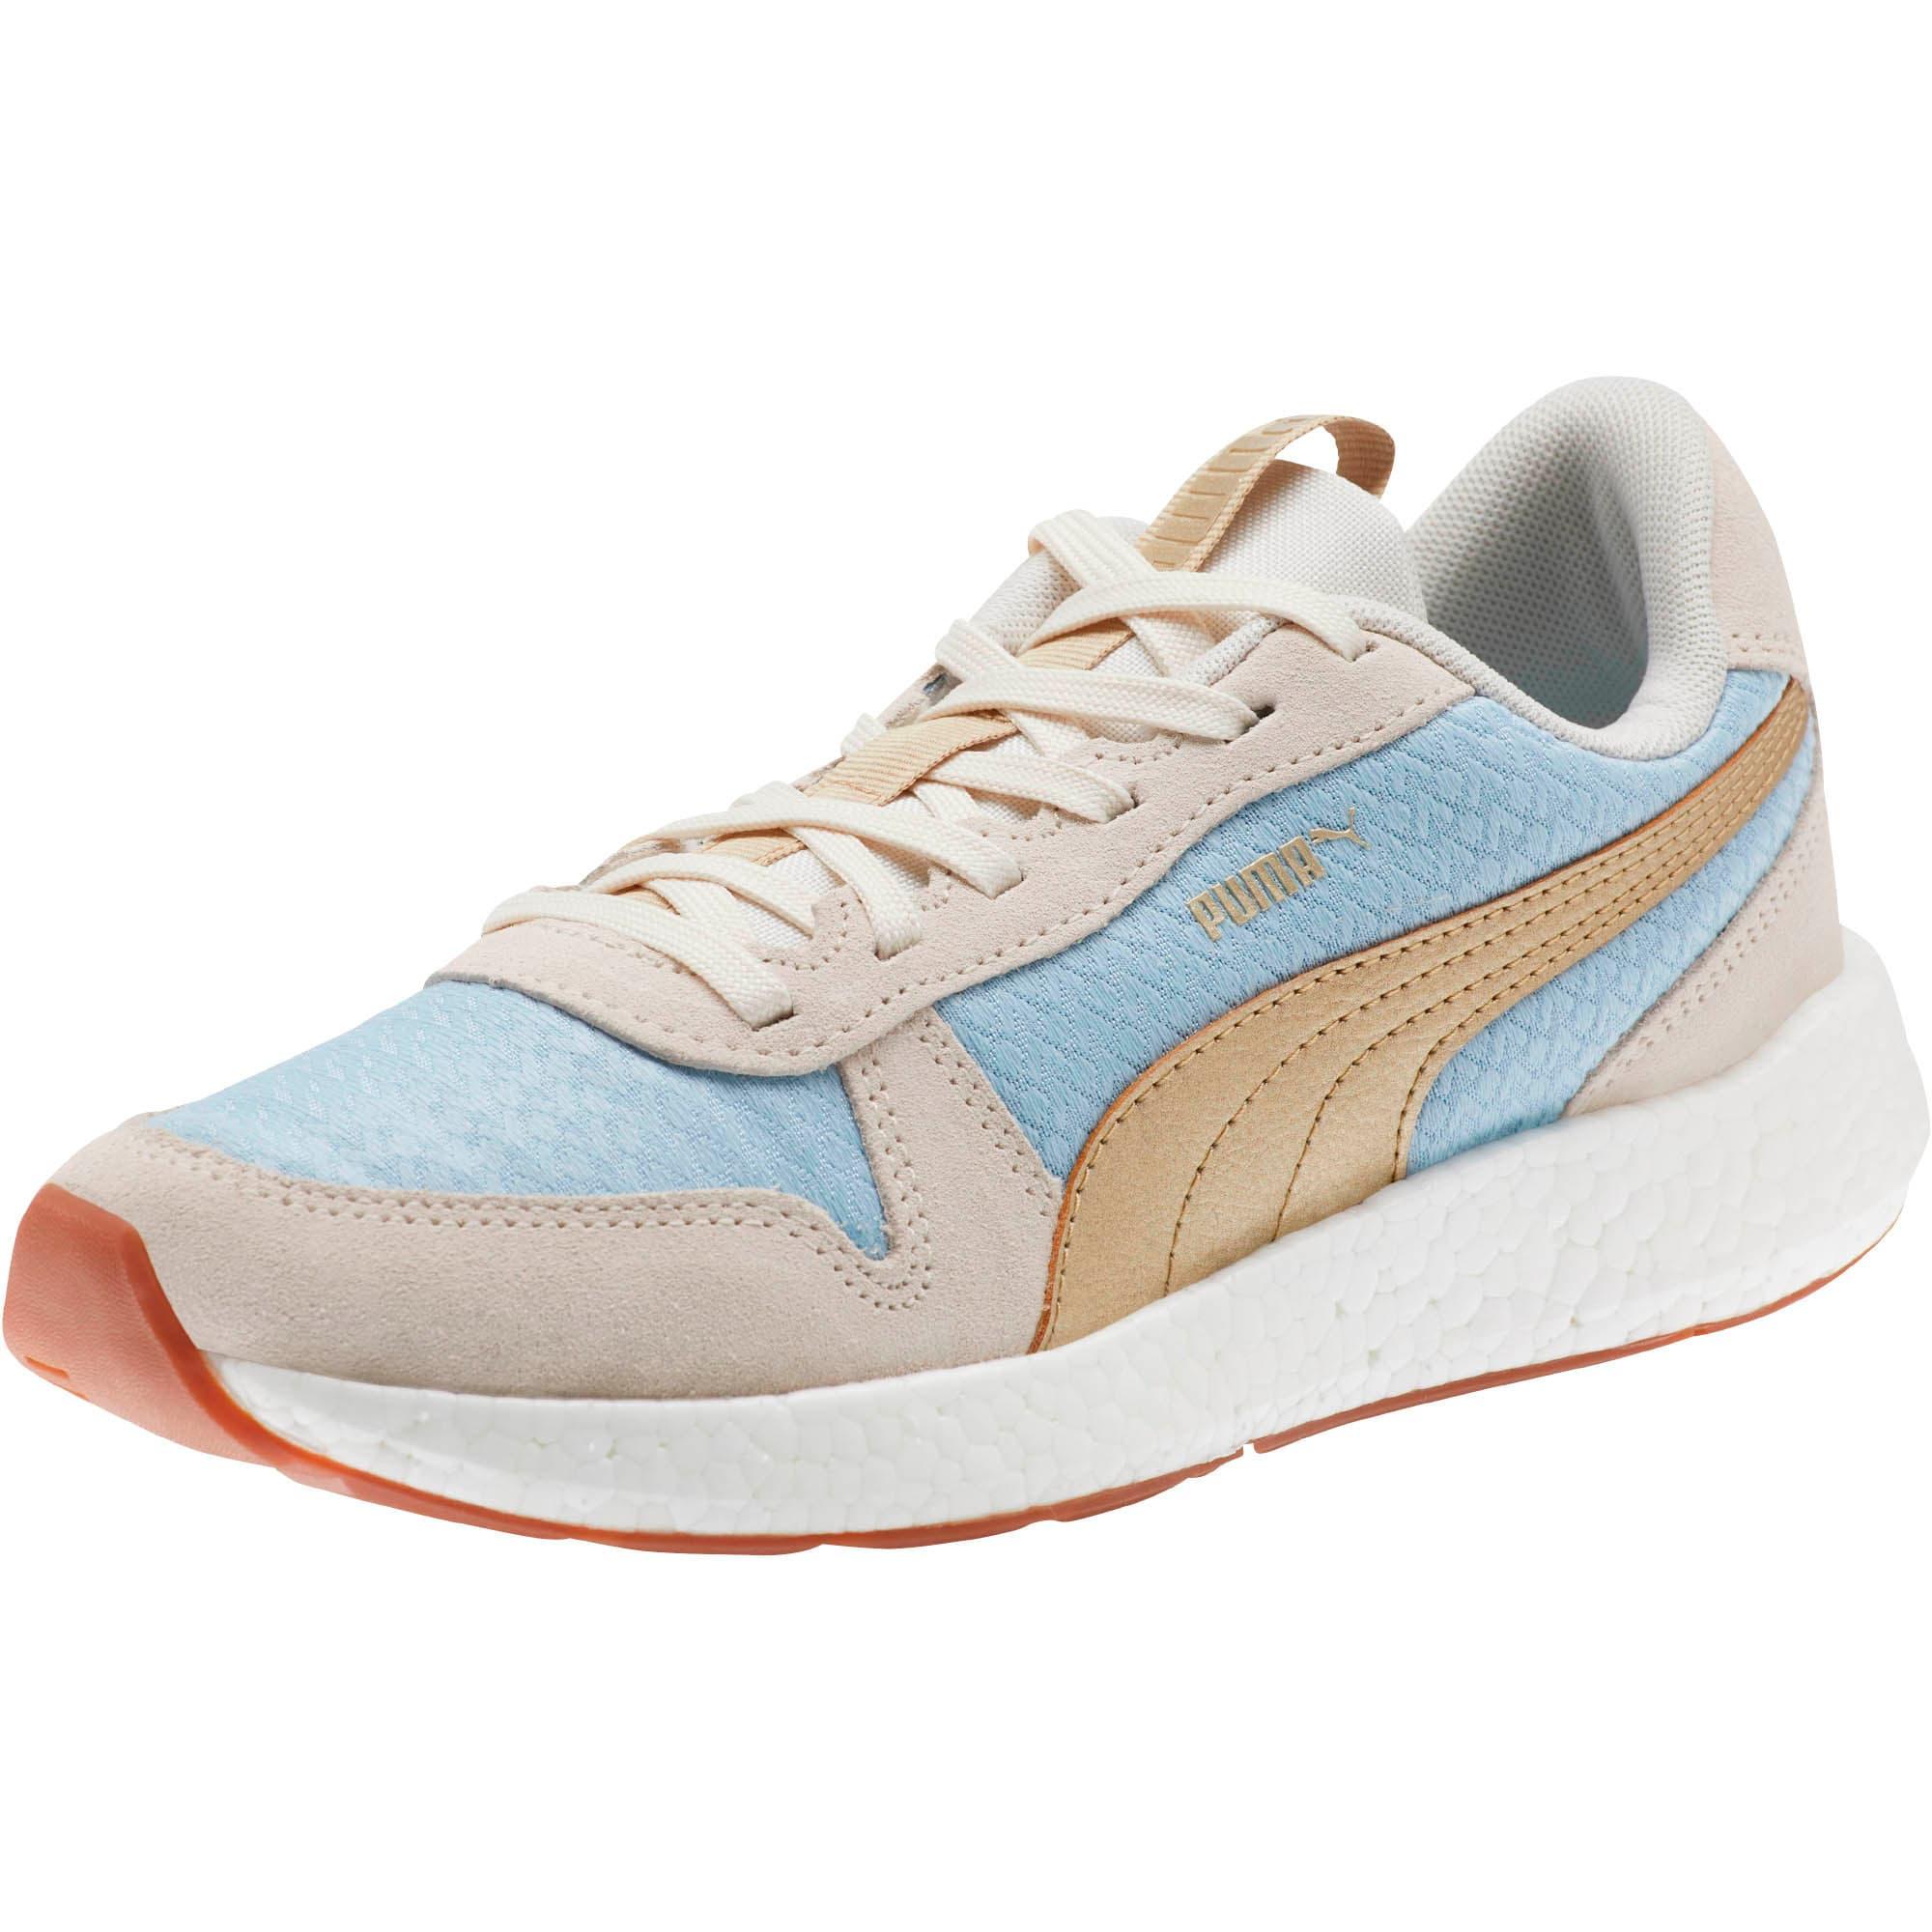 Thumbnail 1 of NRGY Neko Retro Sweet Women's Street Running Shoes, Light Sky- White- Gold, medium